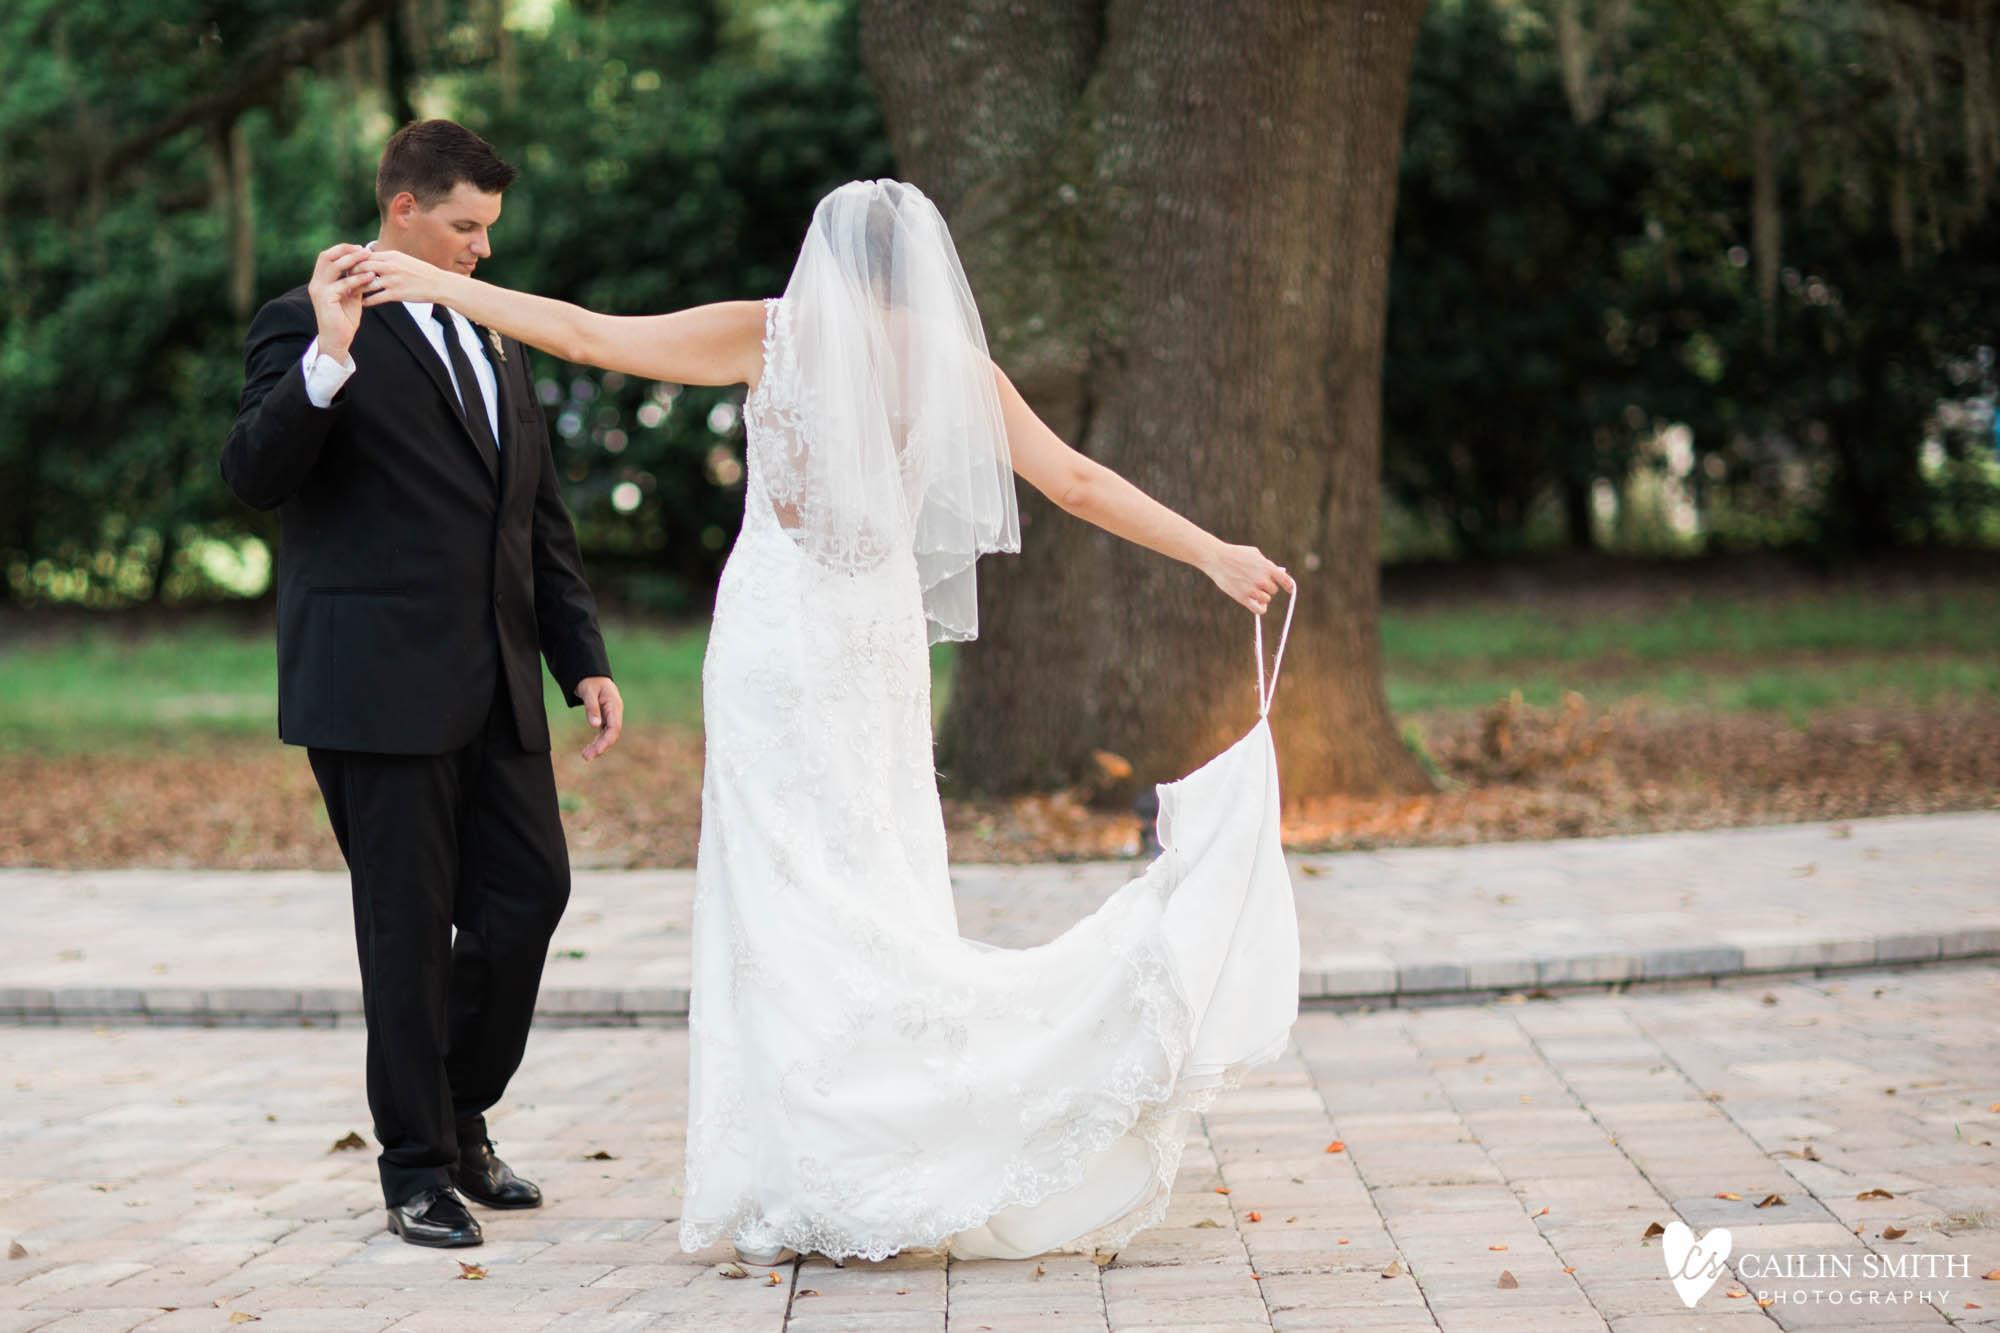 Bethany_Kyle_Bowing_Oaks_Plantation_Wedding_Photography_0087.jpg